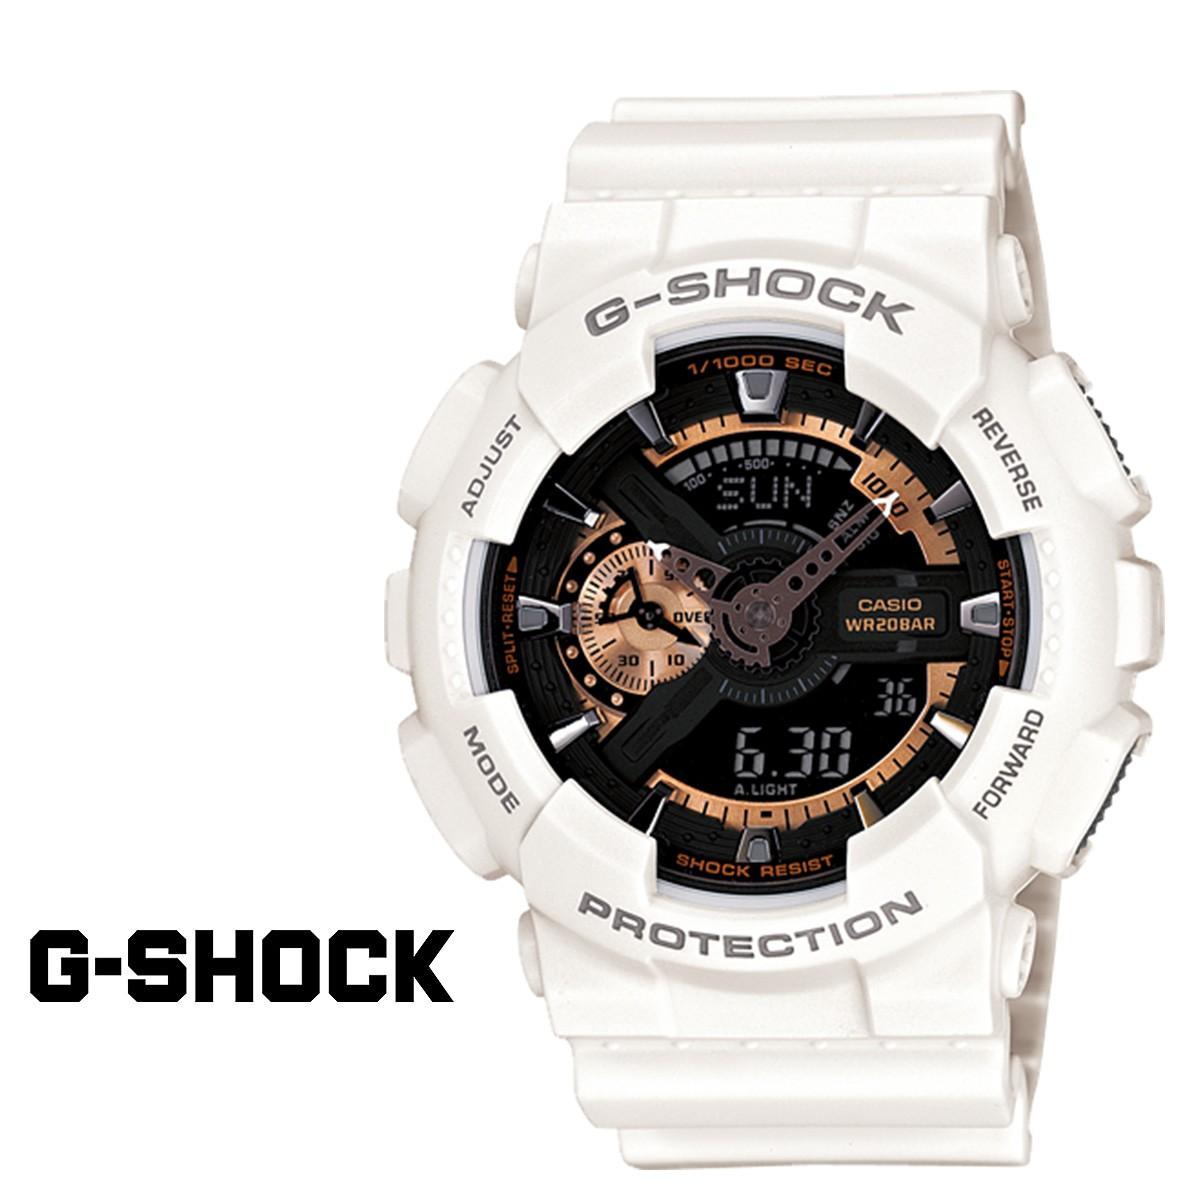 カシオ CASIO G-SHOCK 腕時計 GA-110RG-7AJF ROSE GOLD SERIES ジーショック Gショック G-ショック ホワイト ローズゴールド メンズ レディース [1/12 再入荷]